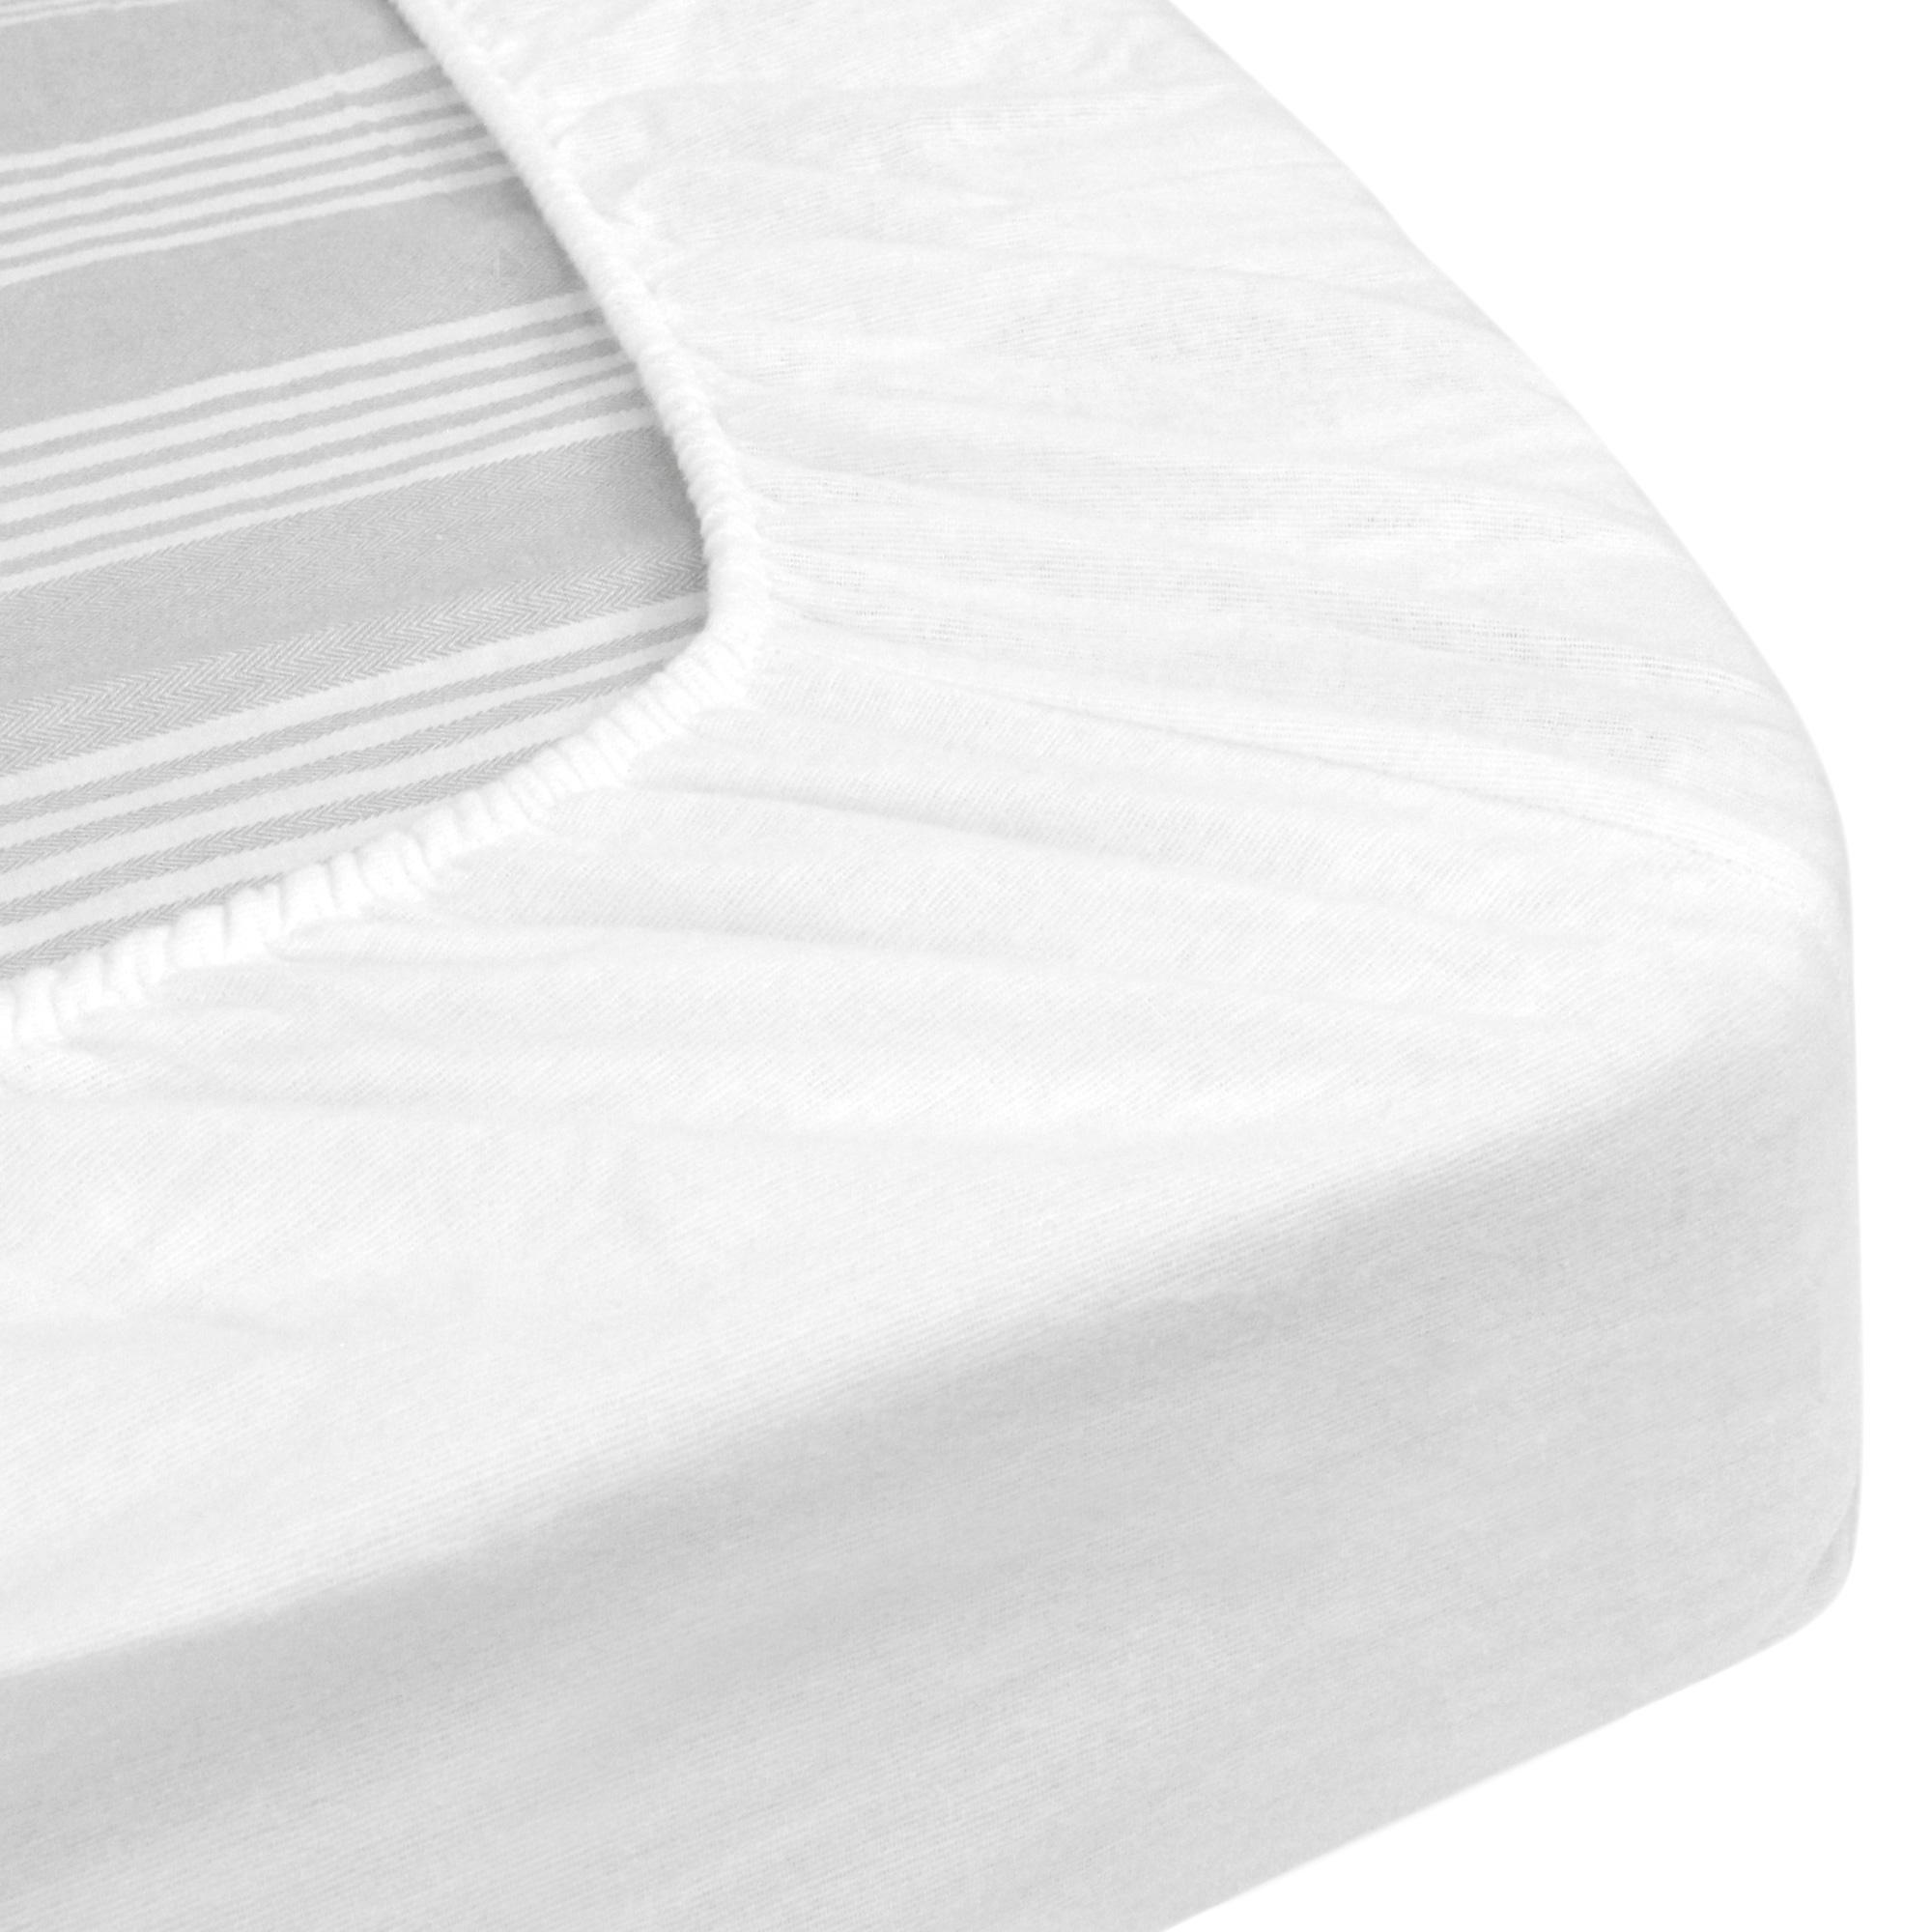 prot ge matelas imperm able 110x190 cm bonnet 23cm arnon molleton 100 coton contrecoll. Black Bedroom Furniture Sets. Home Design Ideas